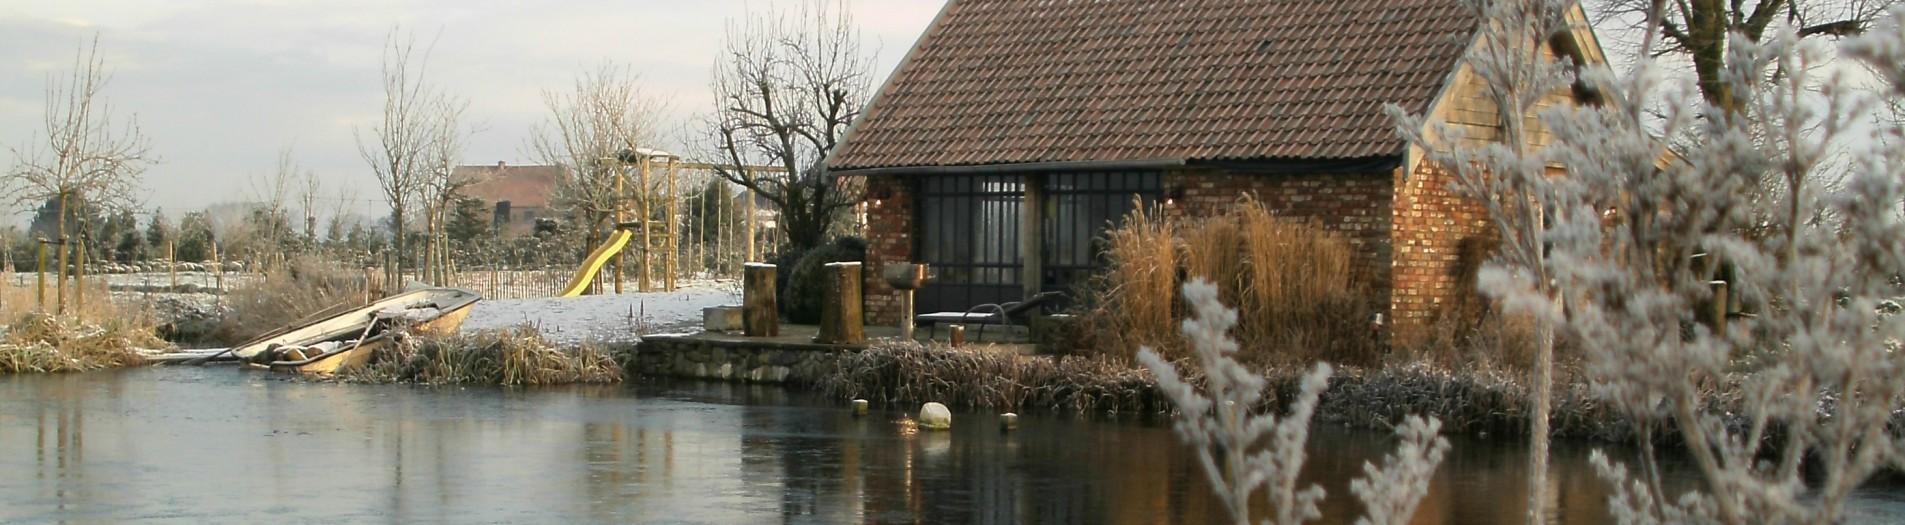 Tuinhuizen & carports